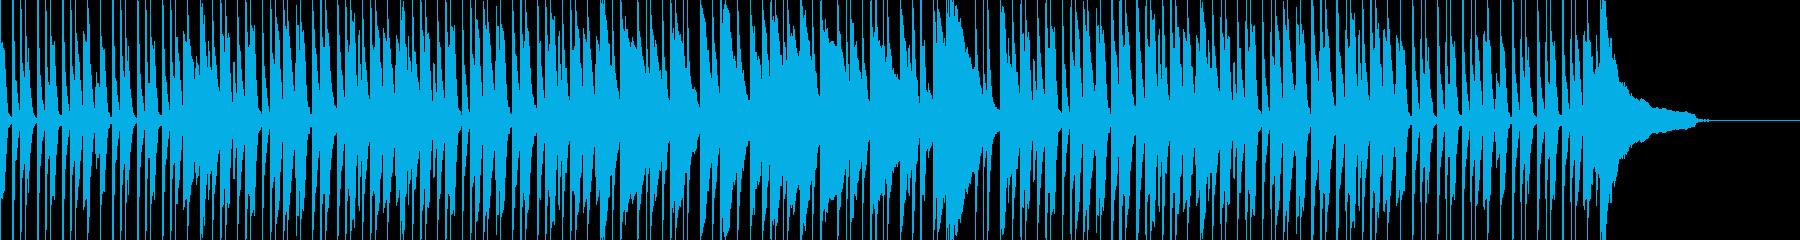 ほんわかした雰囲気のポップ曲の再生済みの波形